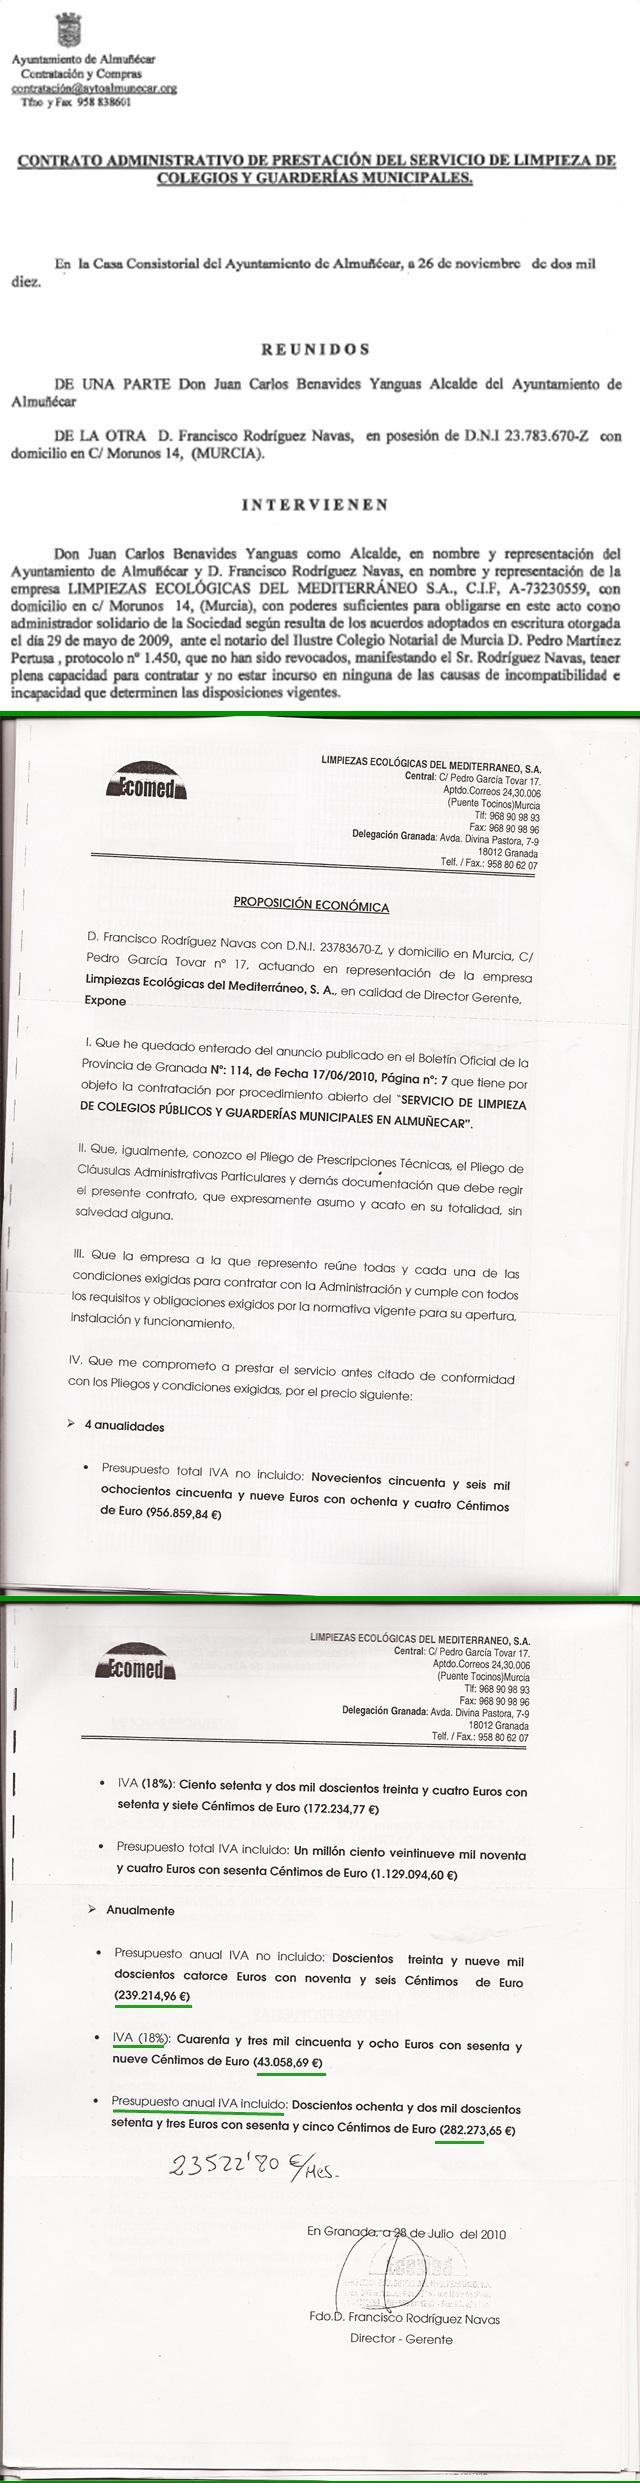 20120824202717-contrato-y-propuesta-economica.jpg